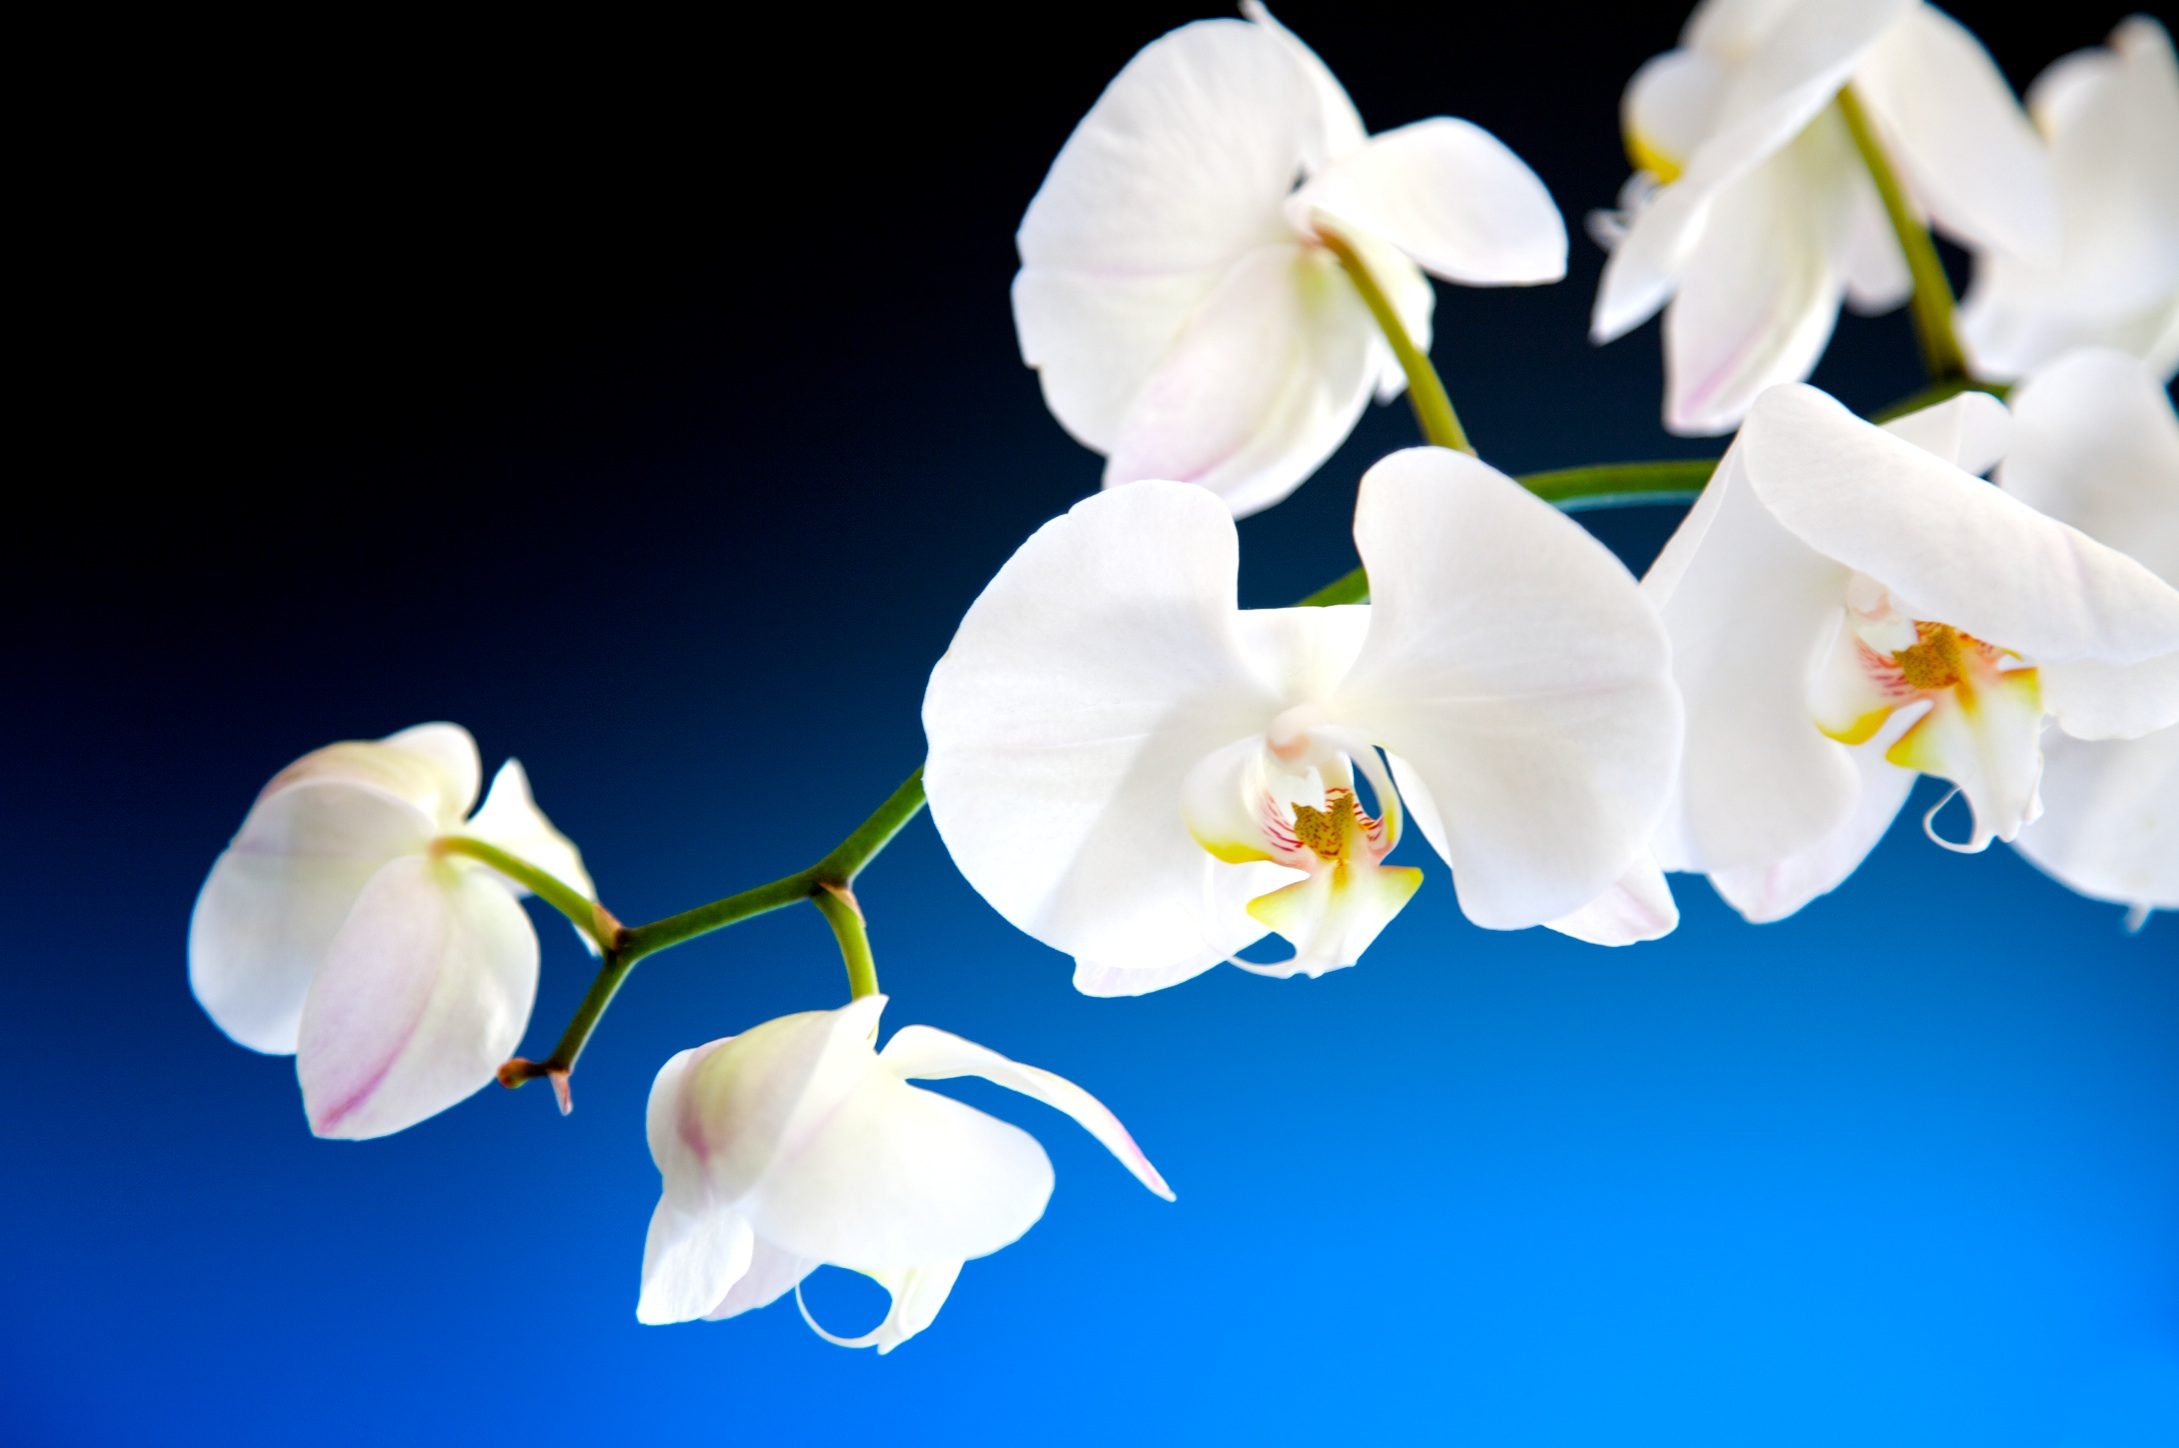 Witte orchidee op een blauw met zwarte achtergrond